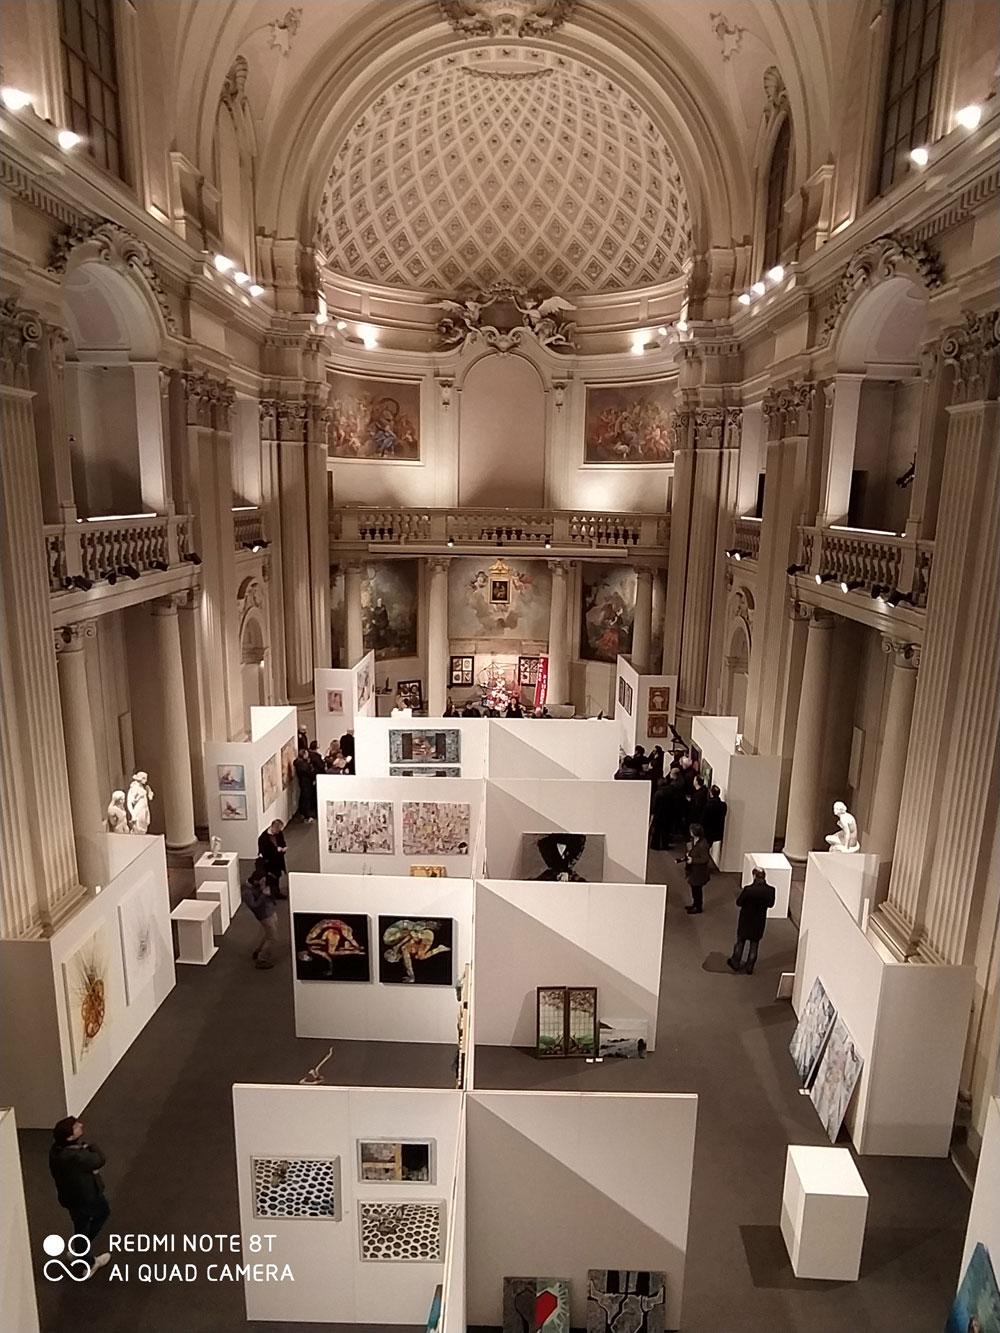 Inaugurata a Firenze Moovart, la mostra che intende valorizzare gli artisti emergenti